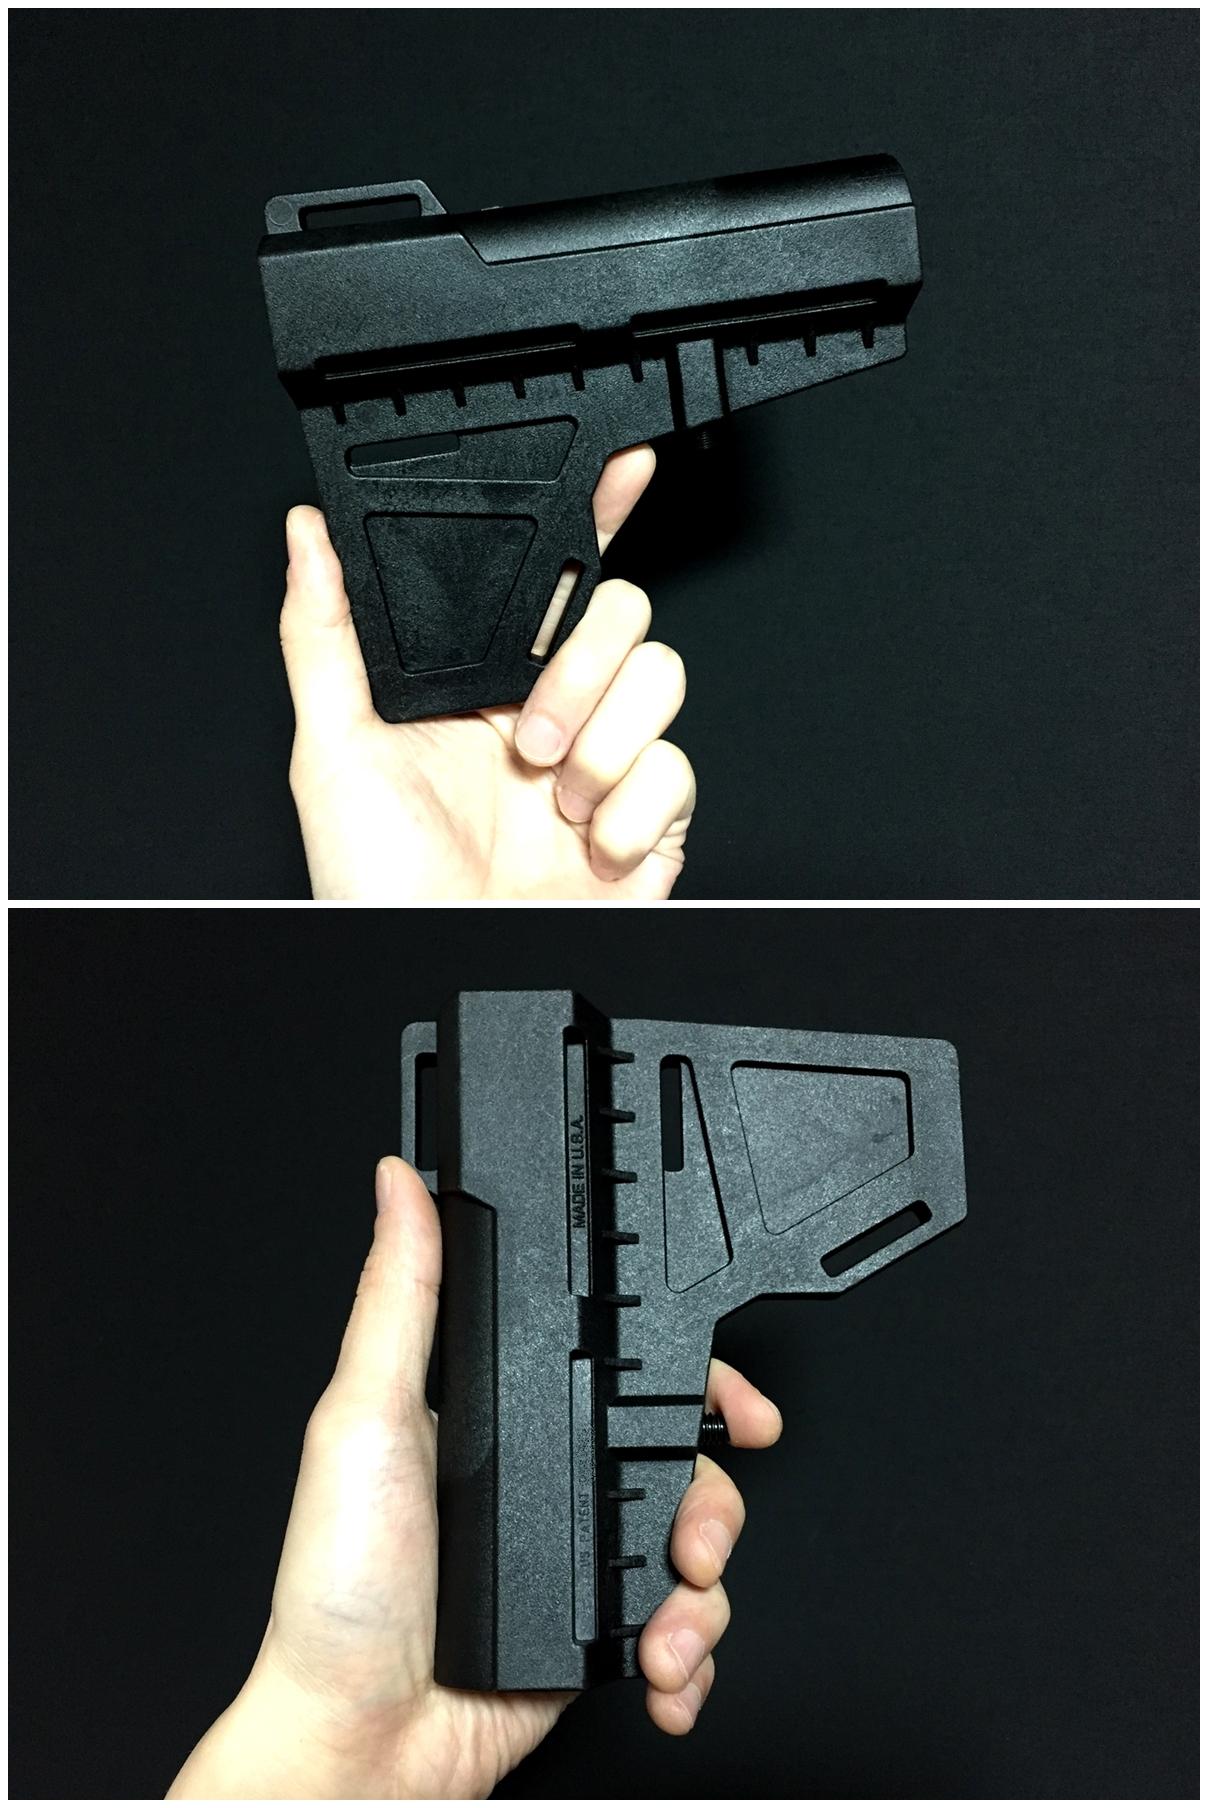 3 実物 KAK Industry LLC Shockwave Blade Pistol Stabilizer ショックウェーブ ブレード ピストル スタビライザー ストック